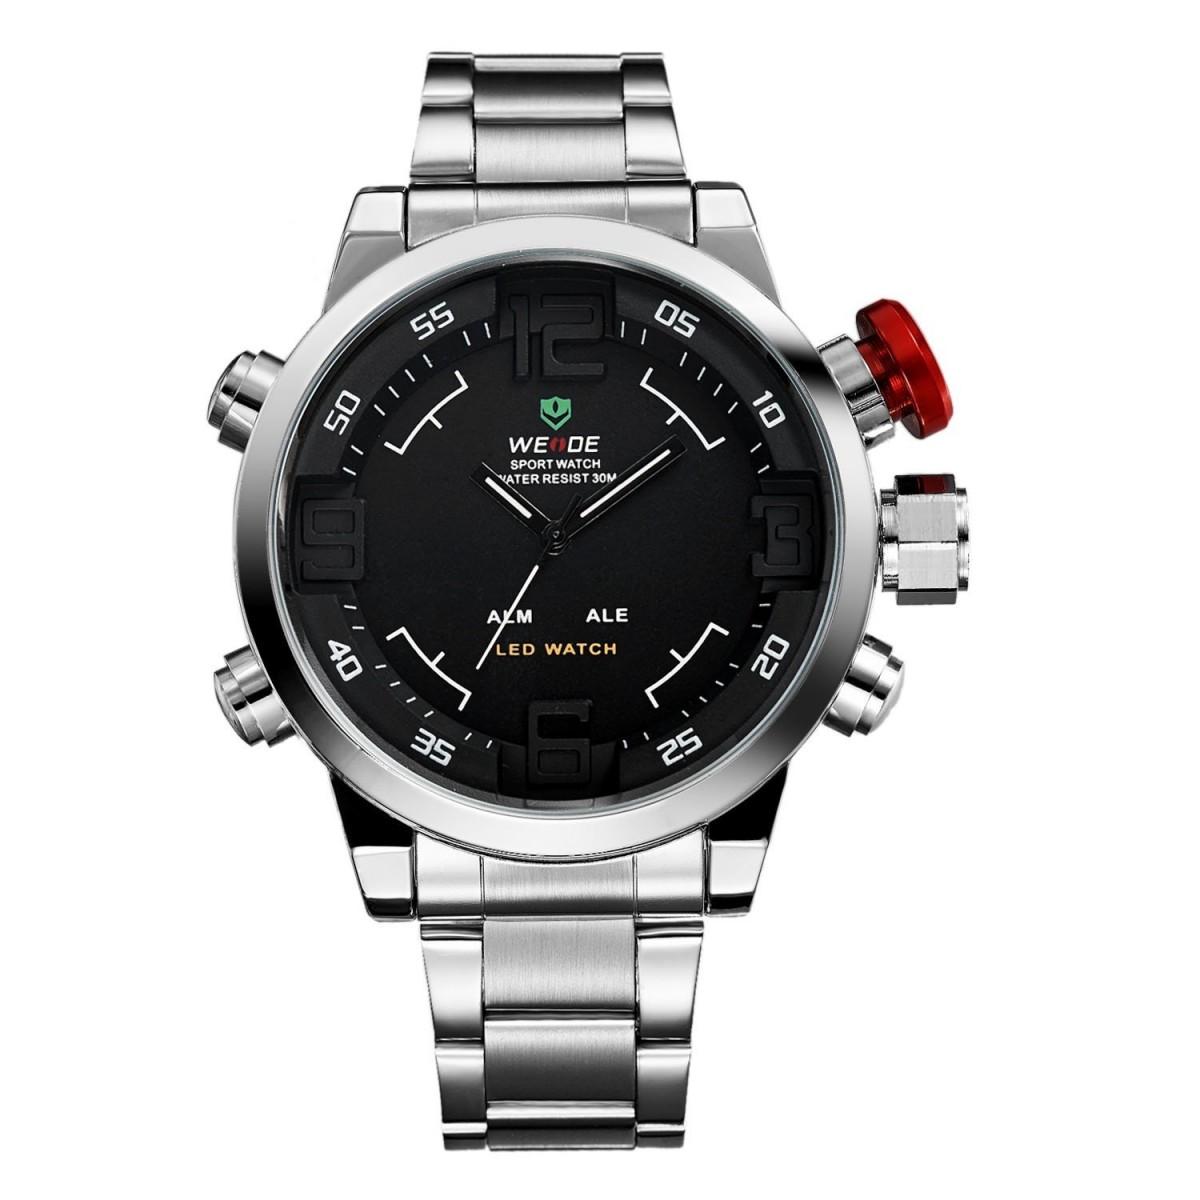 Levně Pánské hodinky Weide Hard - Stříbrno-černé